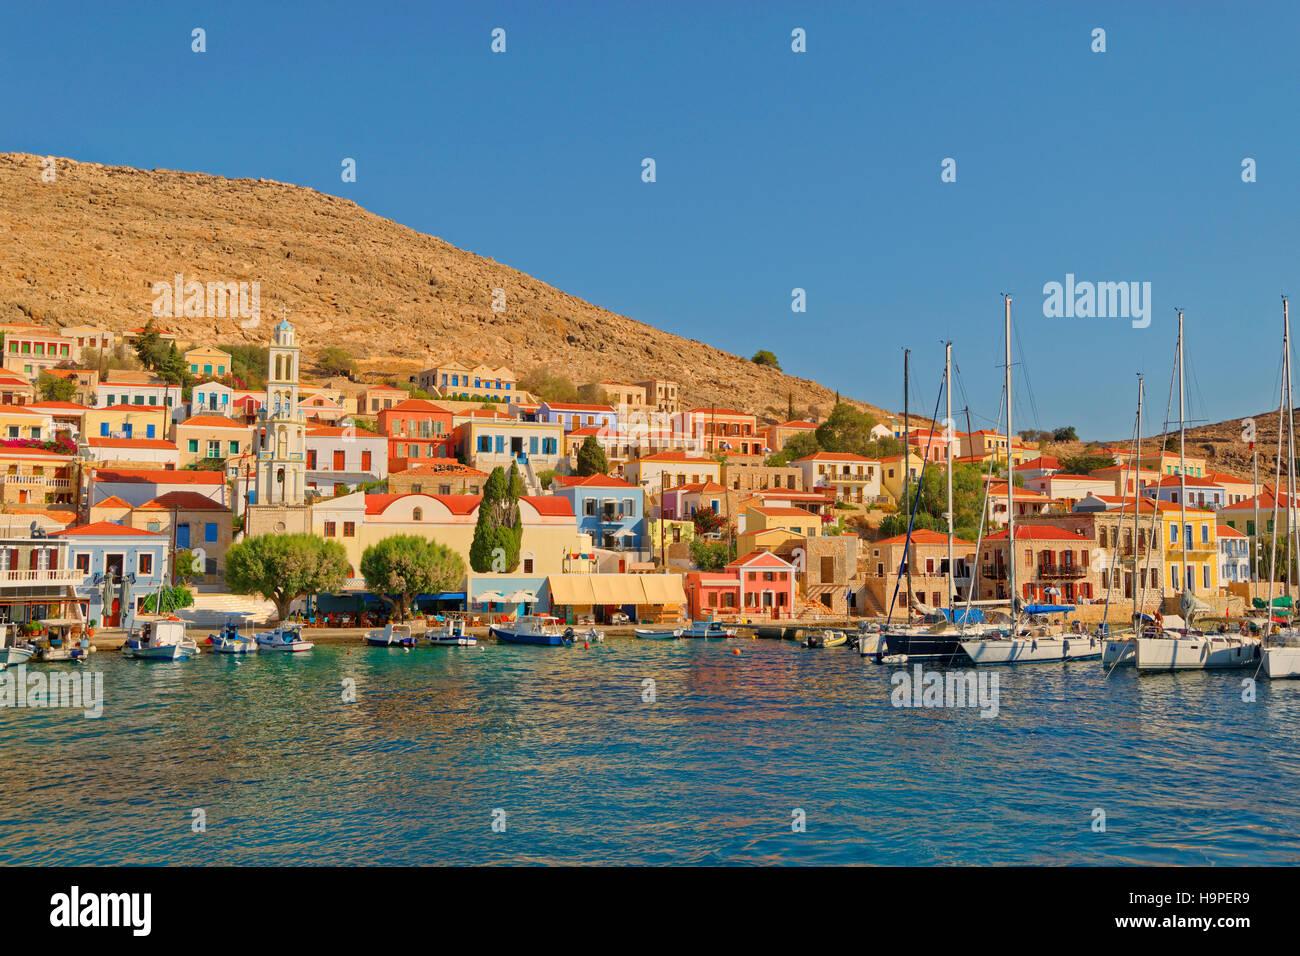 Chalki-Stadt auf der griechischen Insel Chalki abseits der nördlichen Küste von Rhodos in der Dodekanes Stockbild